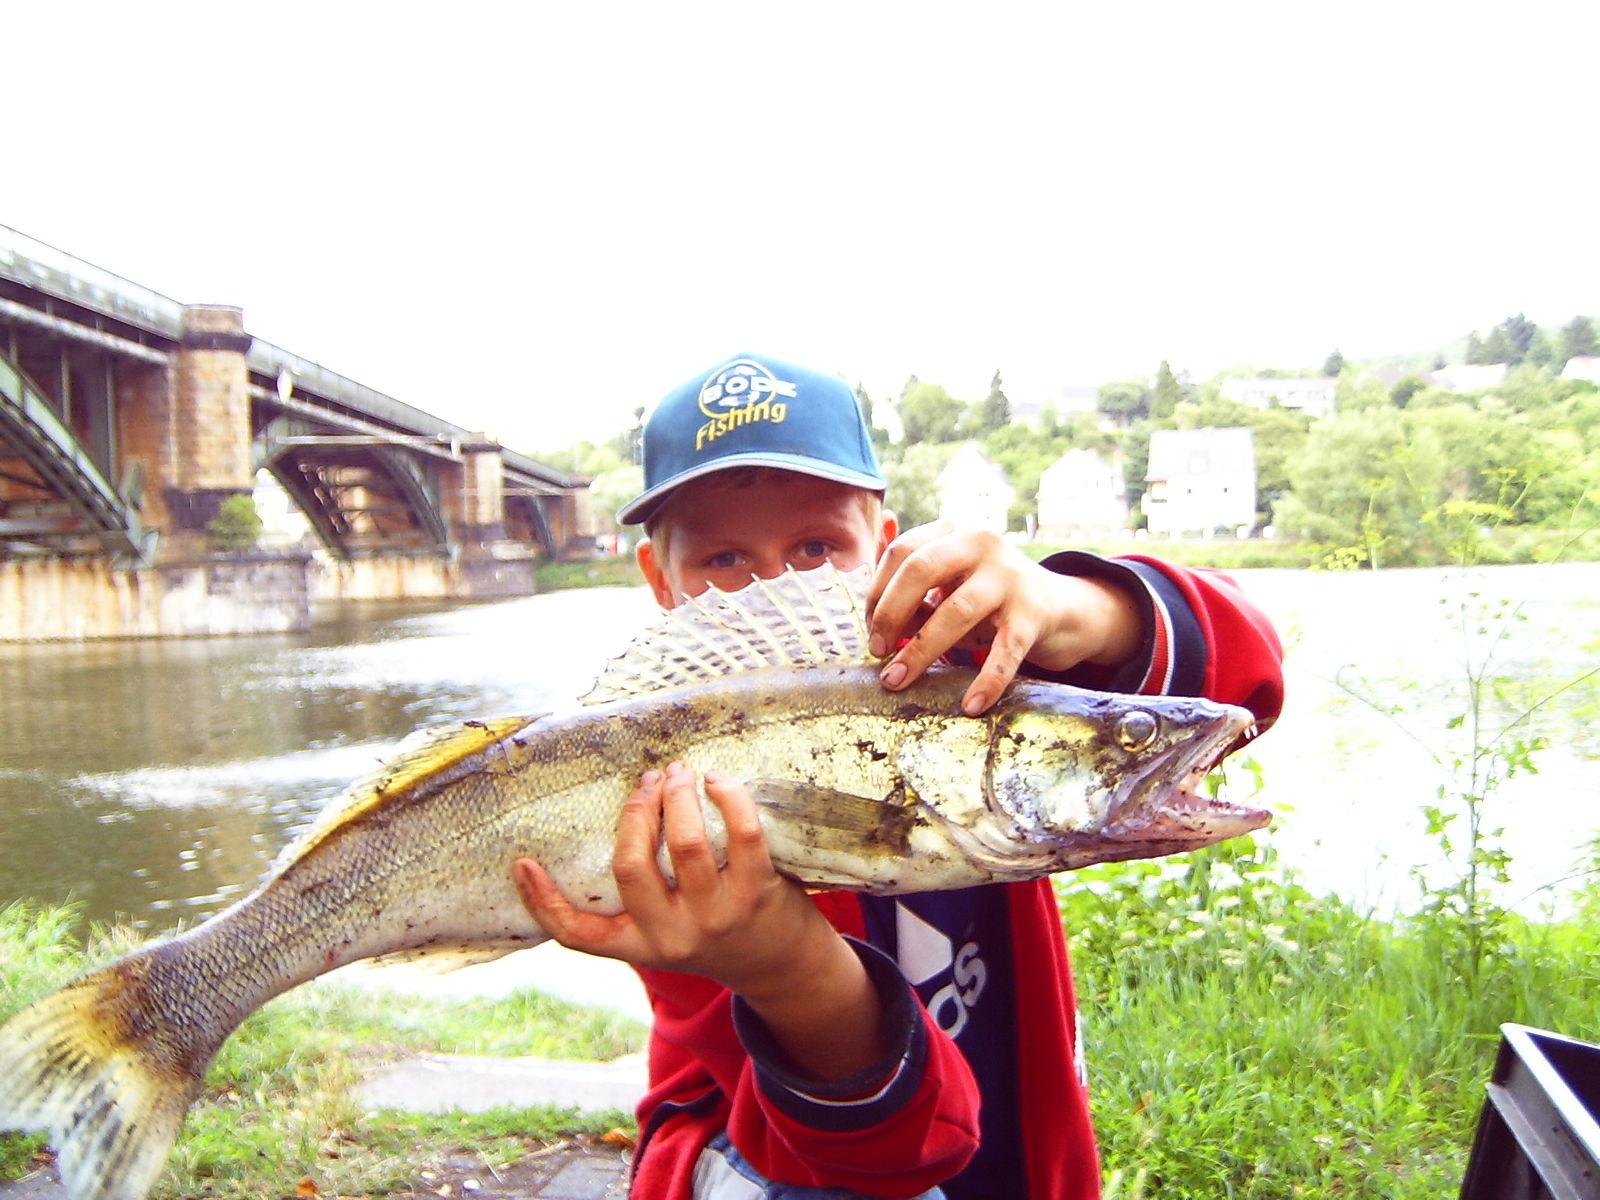 Мальчик с пойманной рыбай в руках